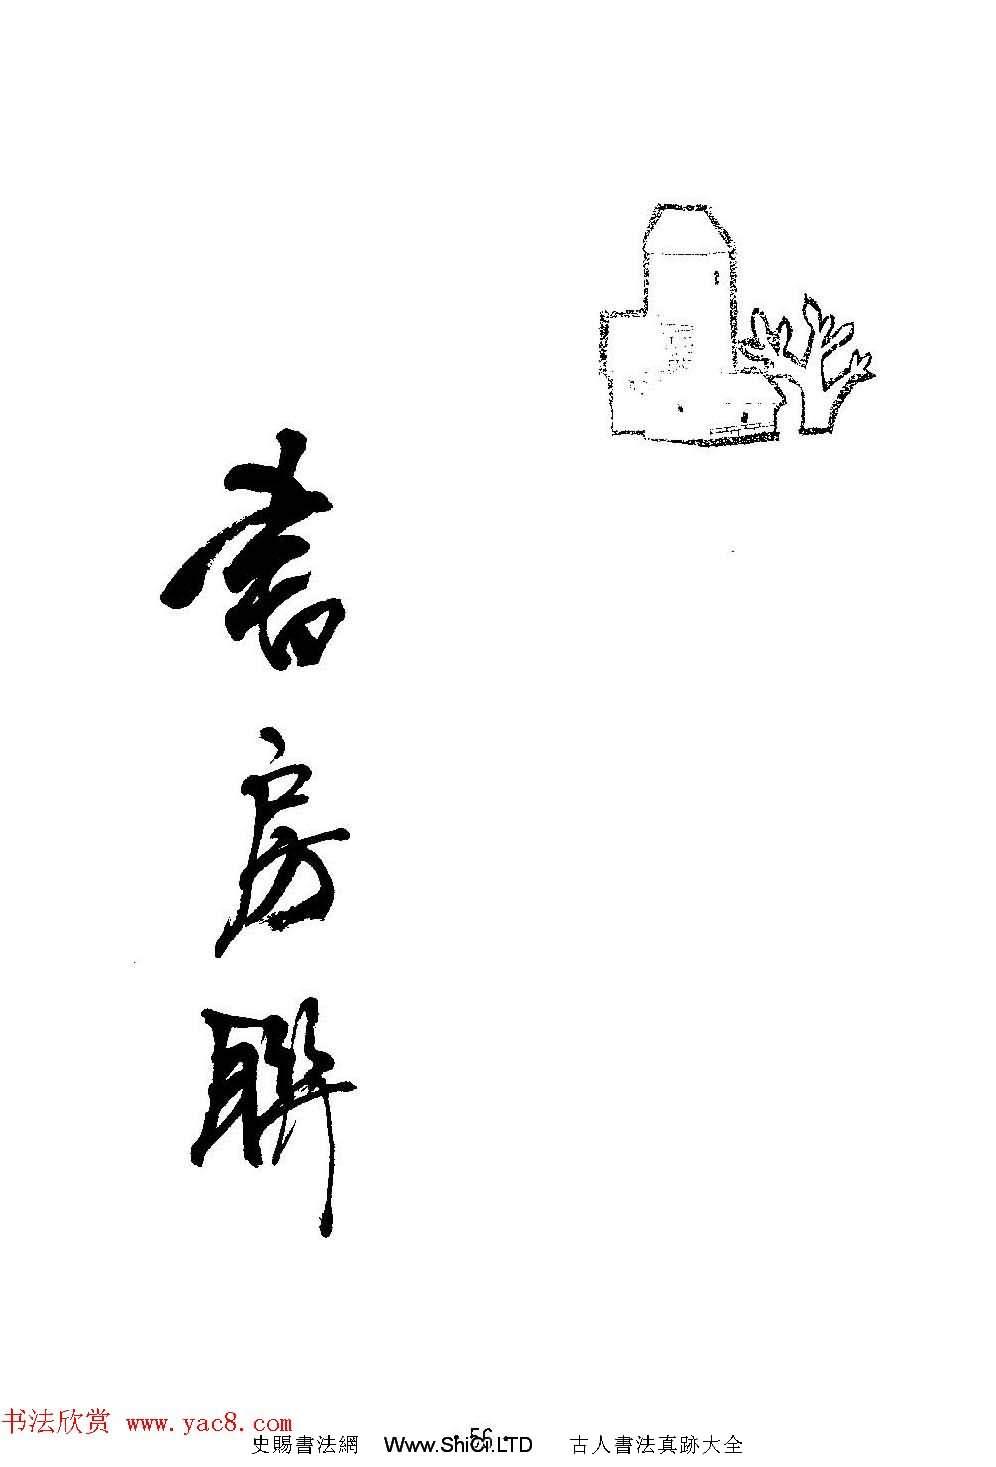 楹聯書法真跡欣賞--楊再春五言書房聯專輯(共30張圖片)